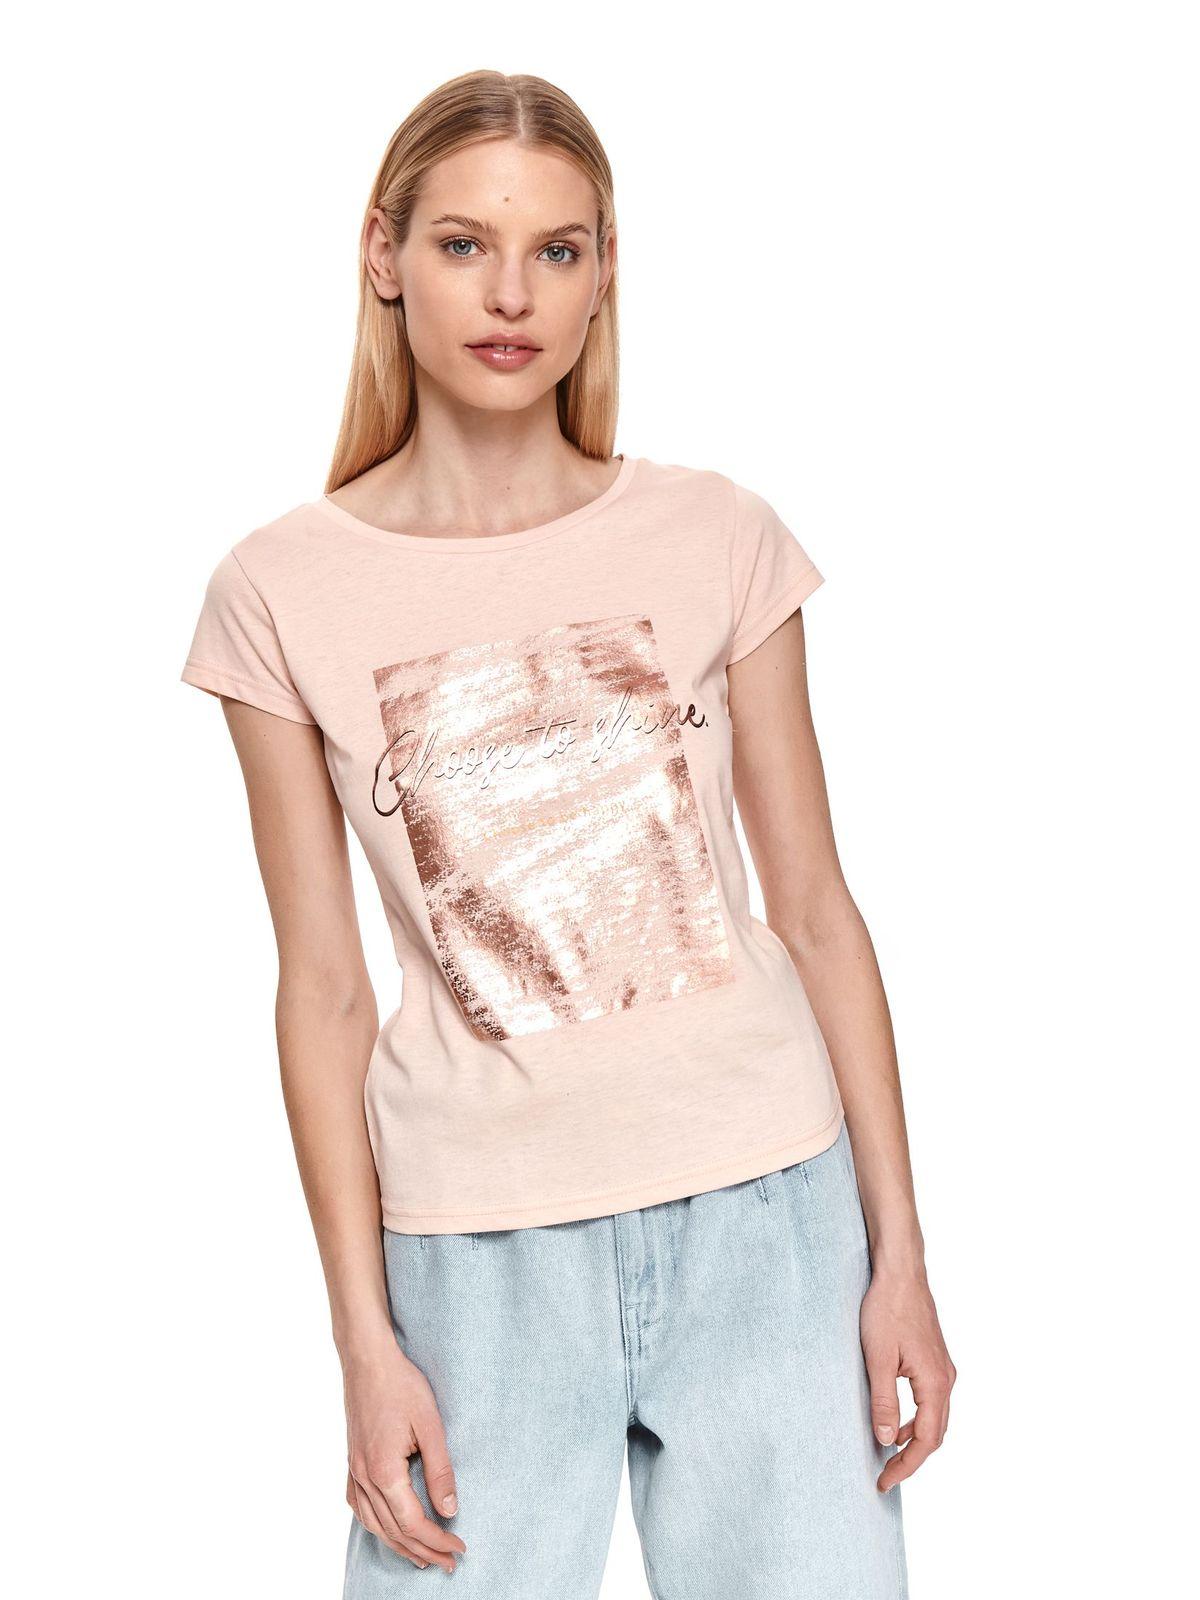 Világos rózsaszínű póló grafikai díszítéssel pamutból készült